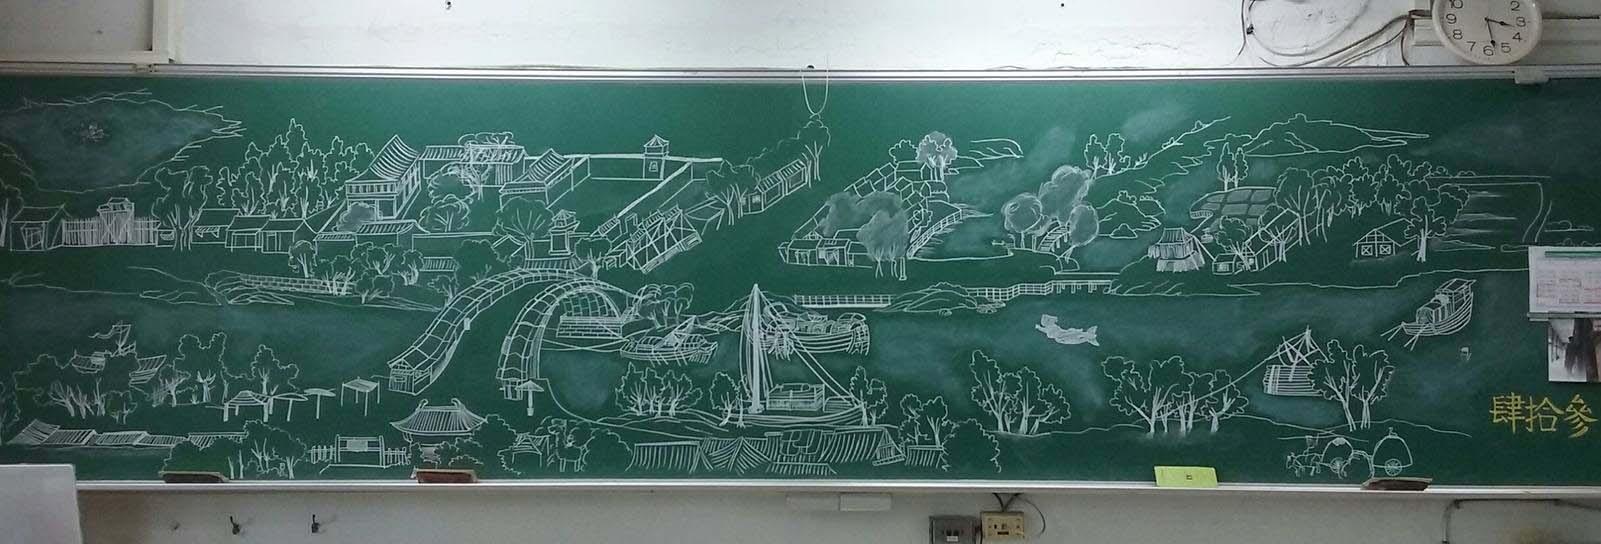 老师随口说画个《清明上河图》这个黑板谁忍心